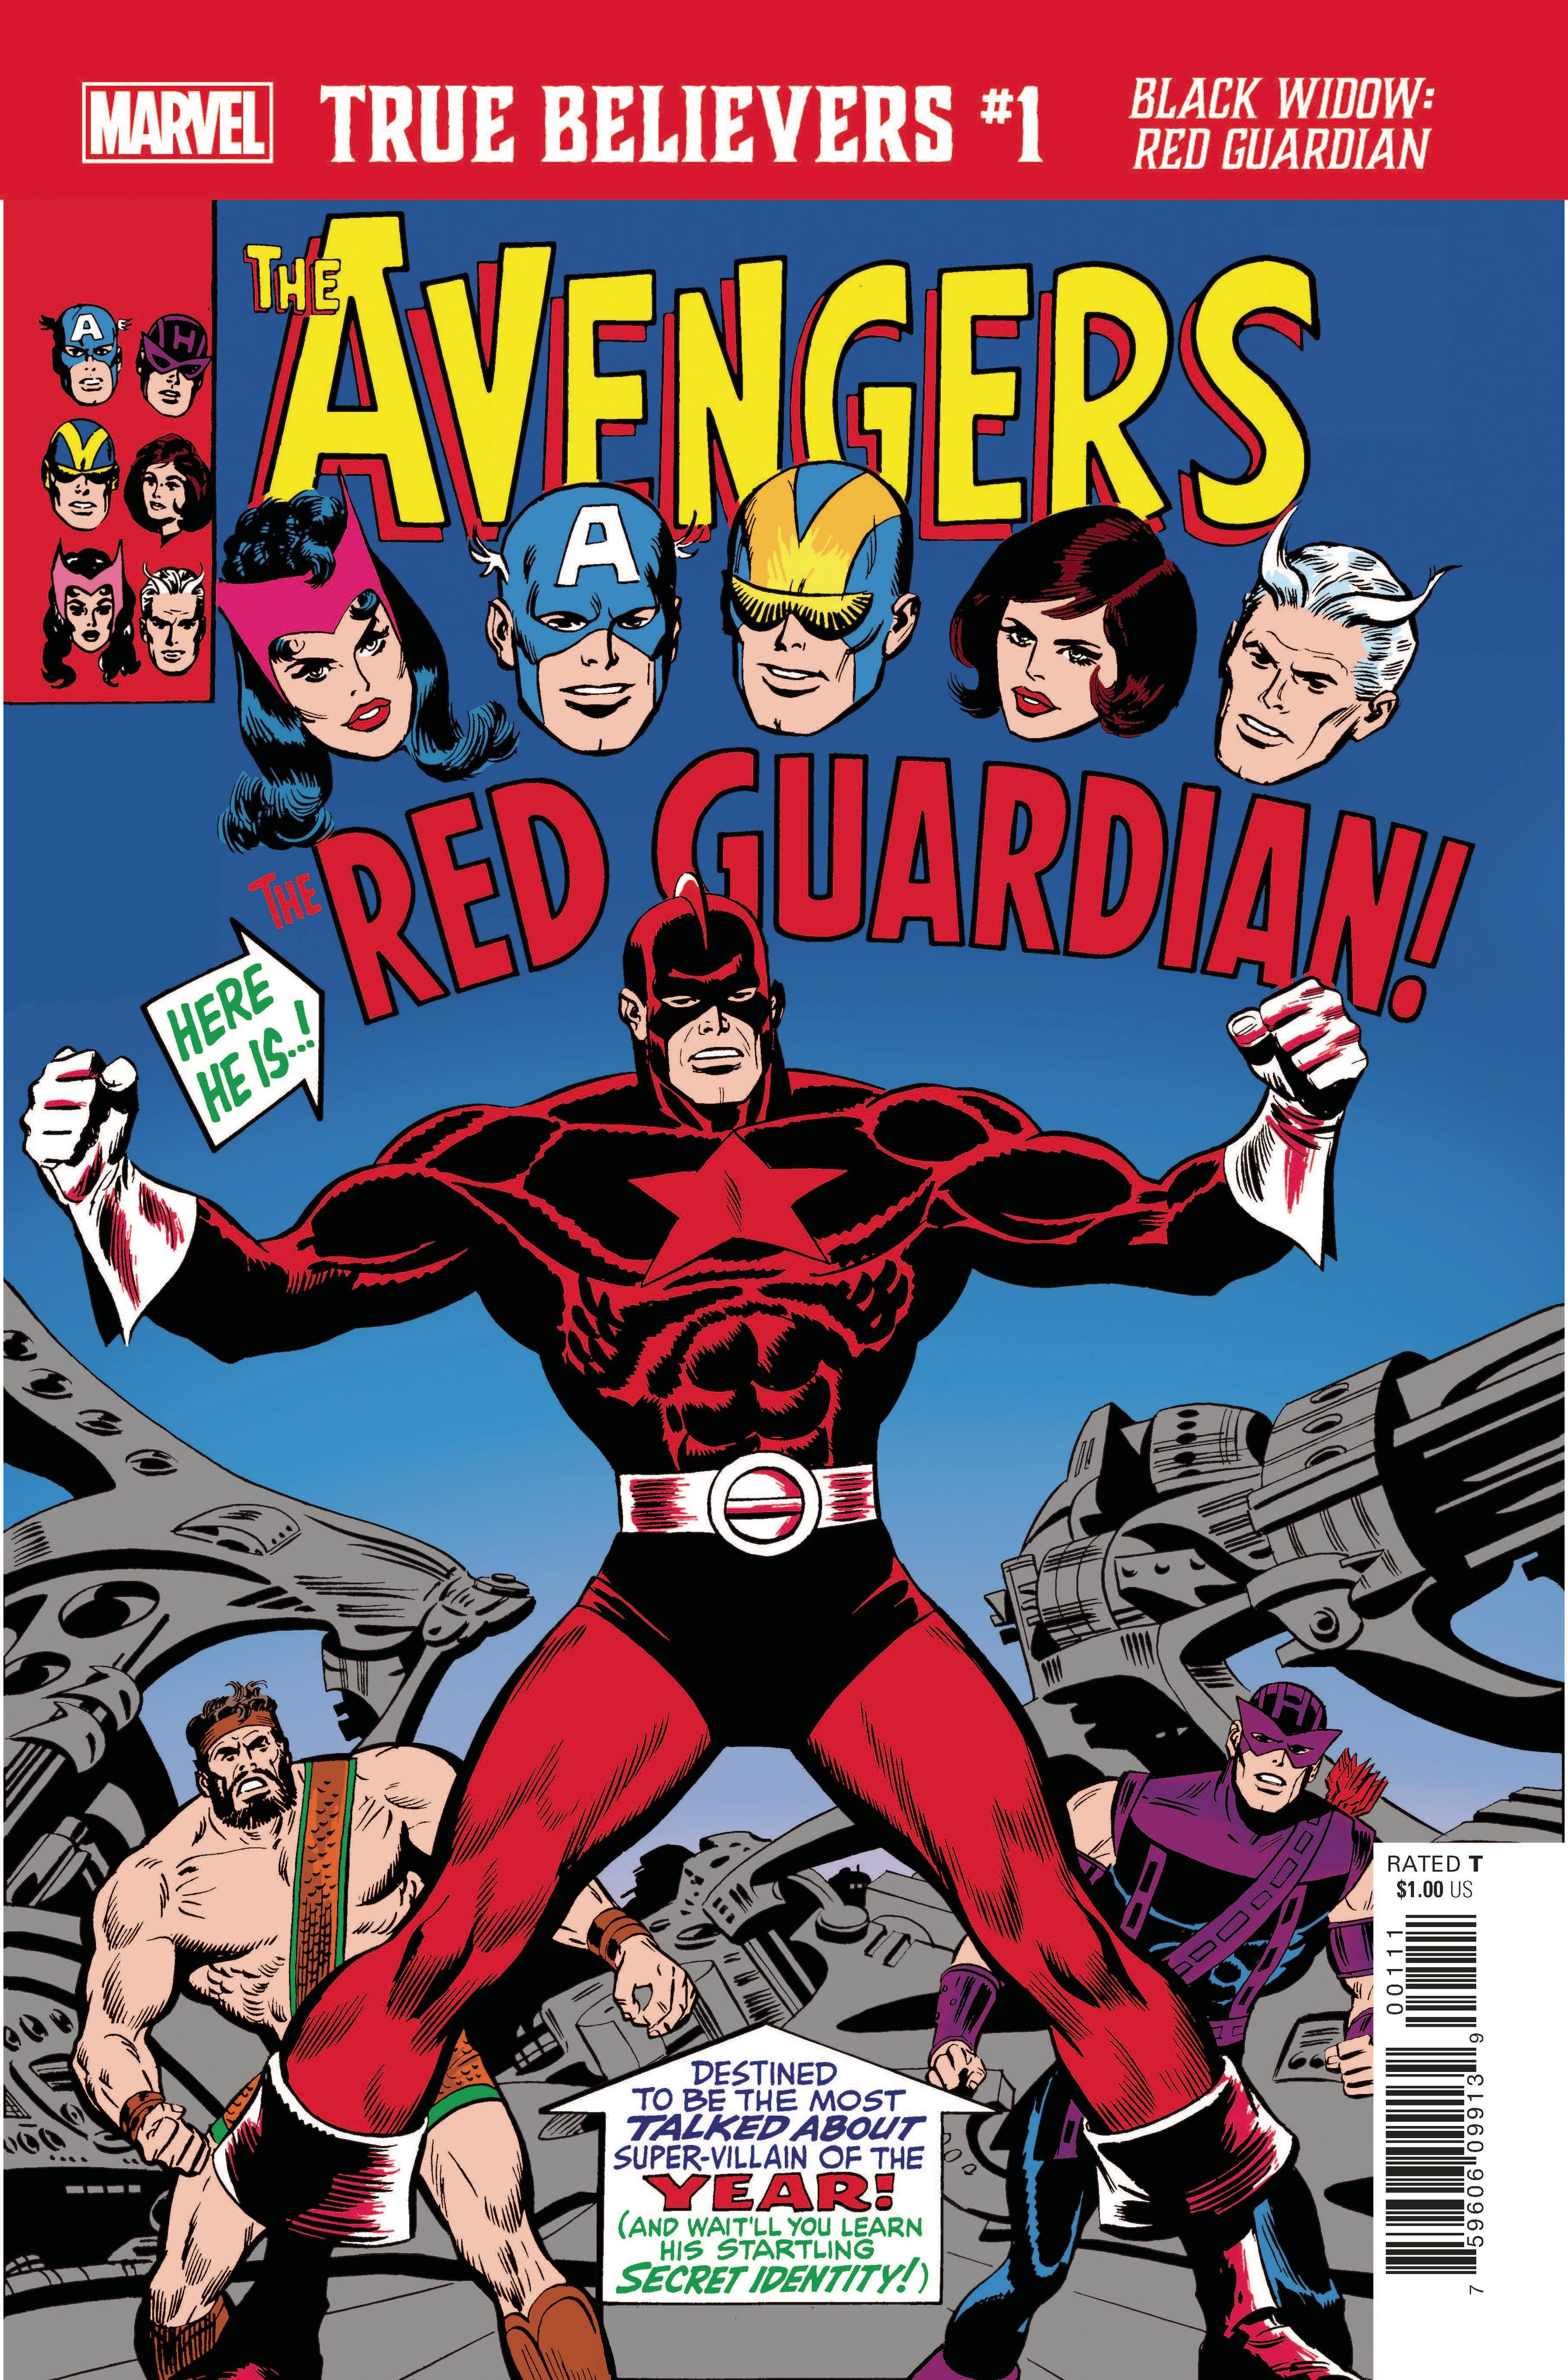 True Believers: Black Widow - Red Guardian Vol 1 1